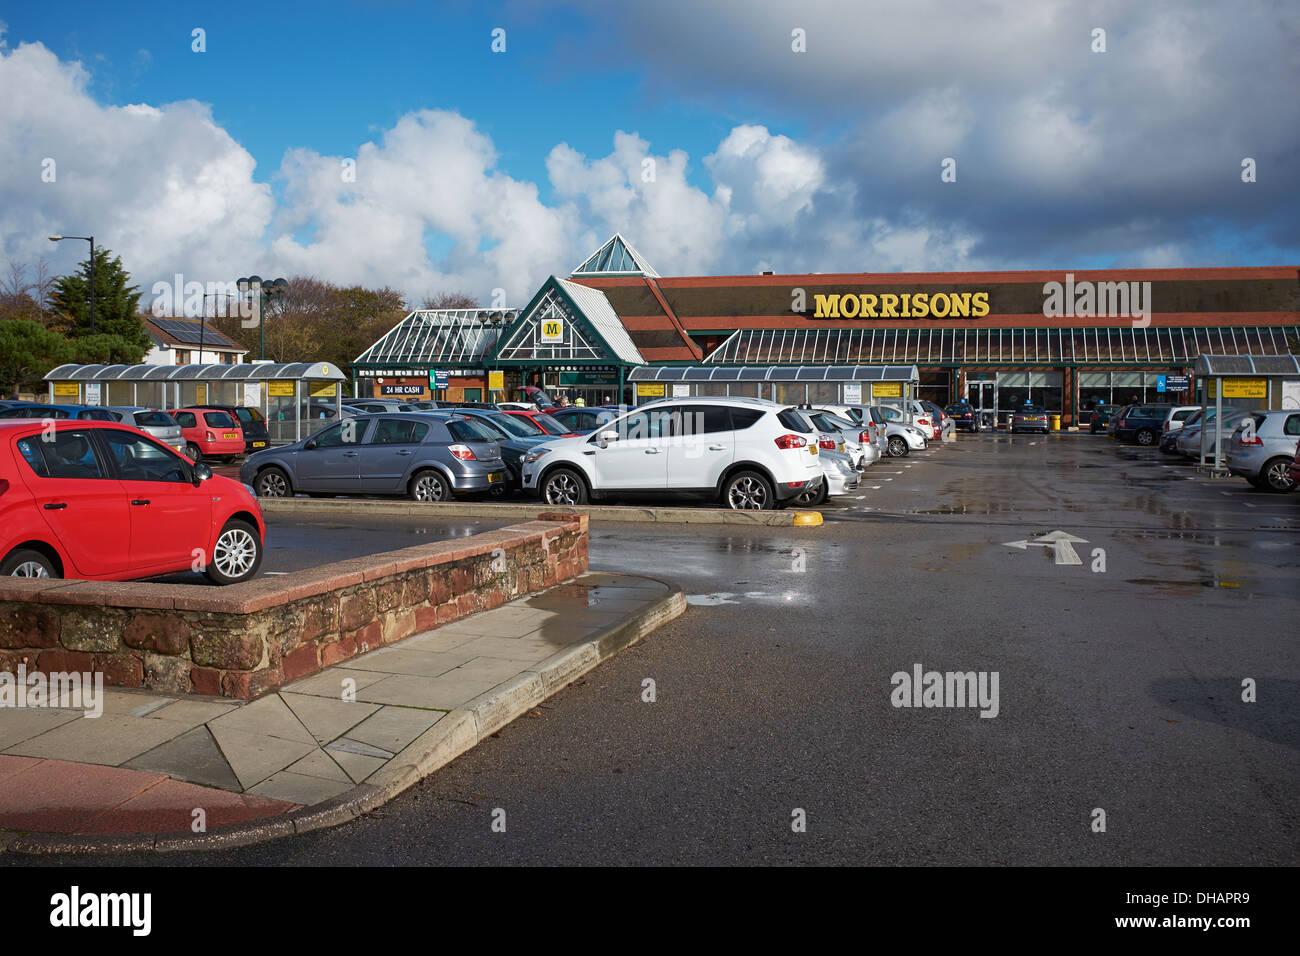 Morrisons Car Park